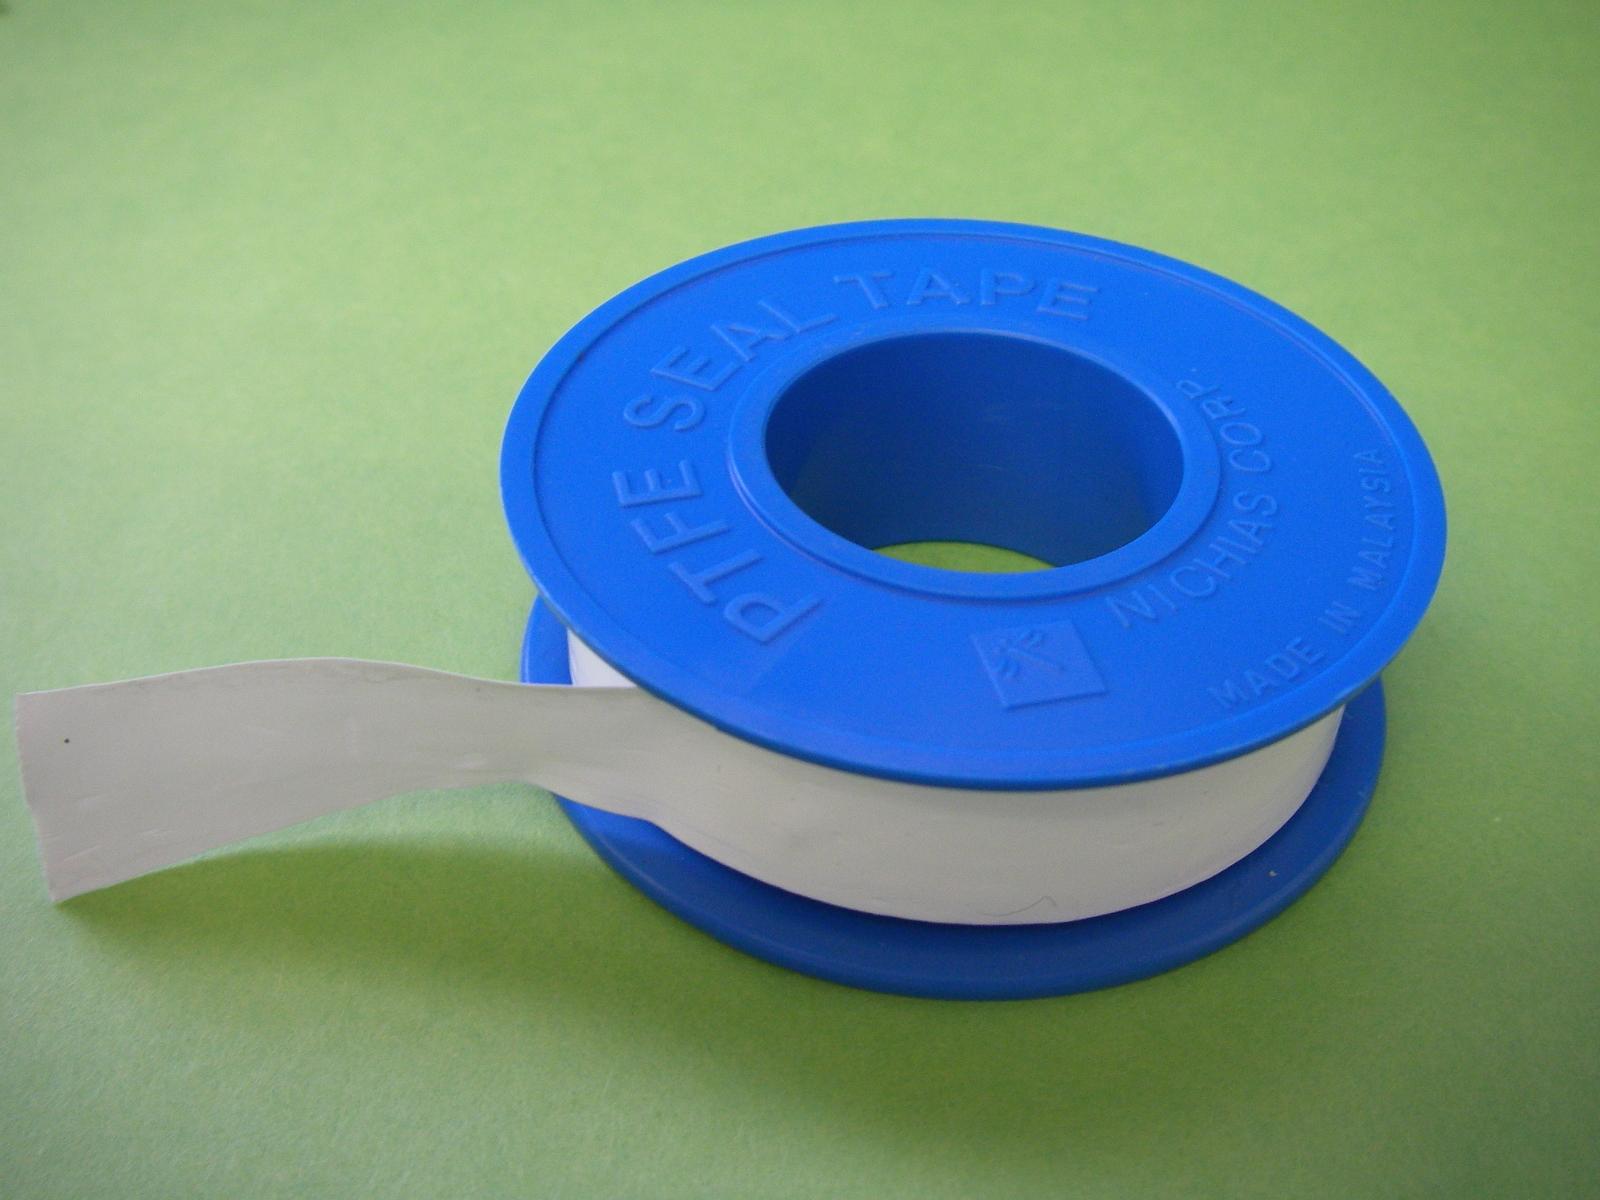 <b>シールテープ</b> - Wikipedia